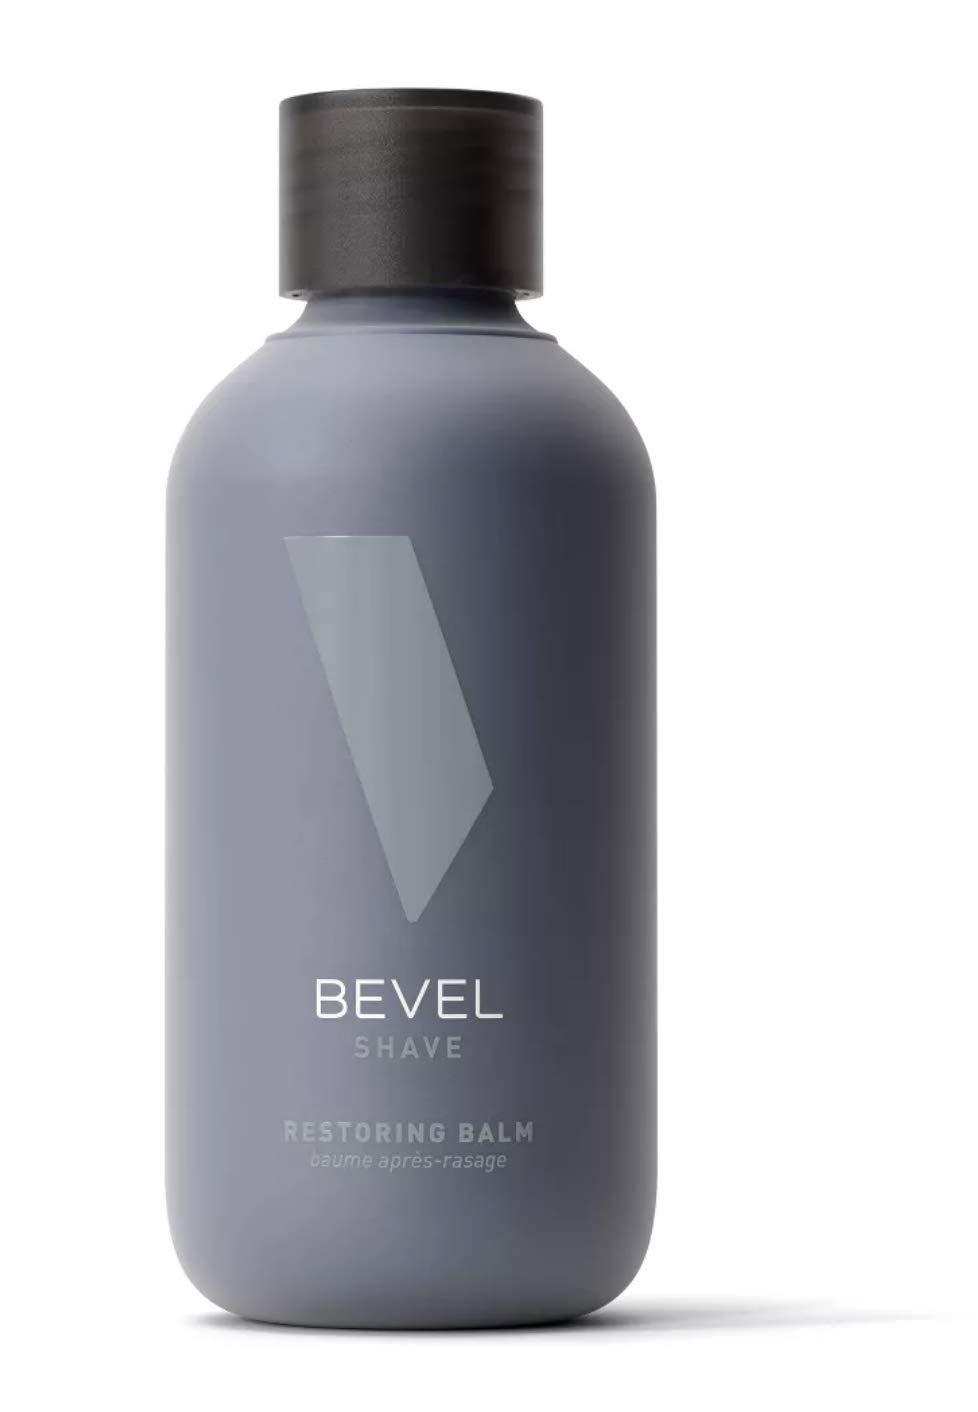 Bevel Aftershave Restoring Balm for men; post-shave products